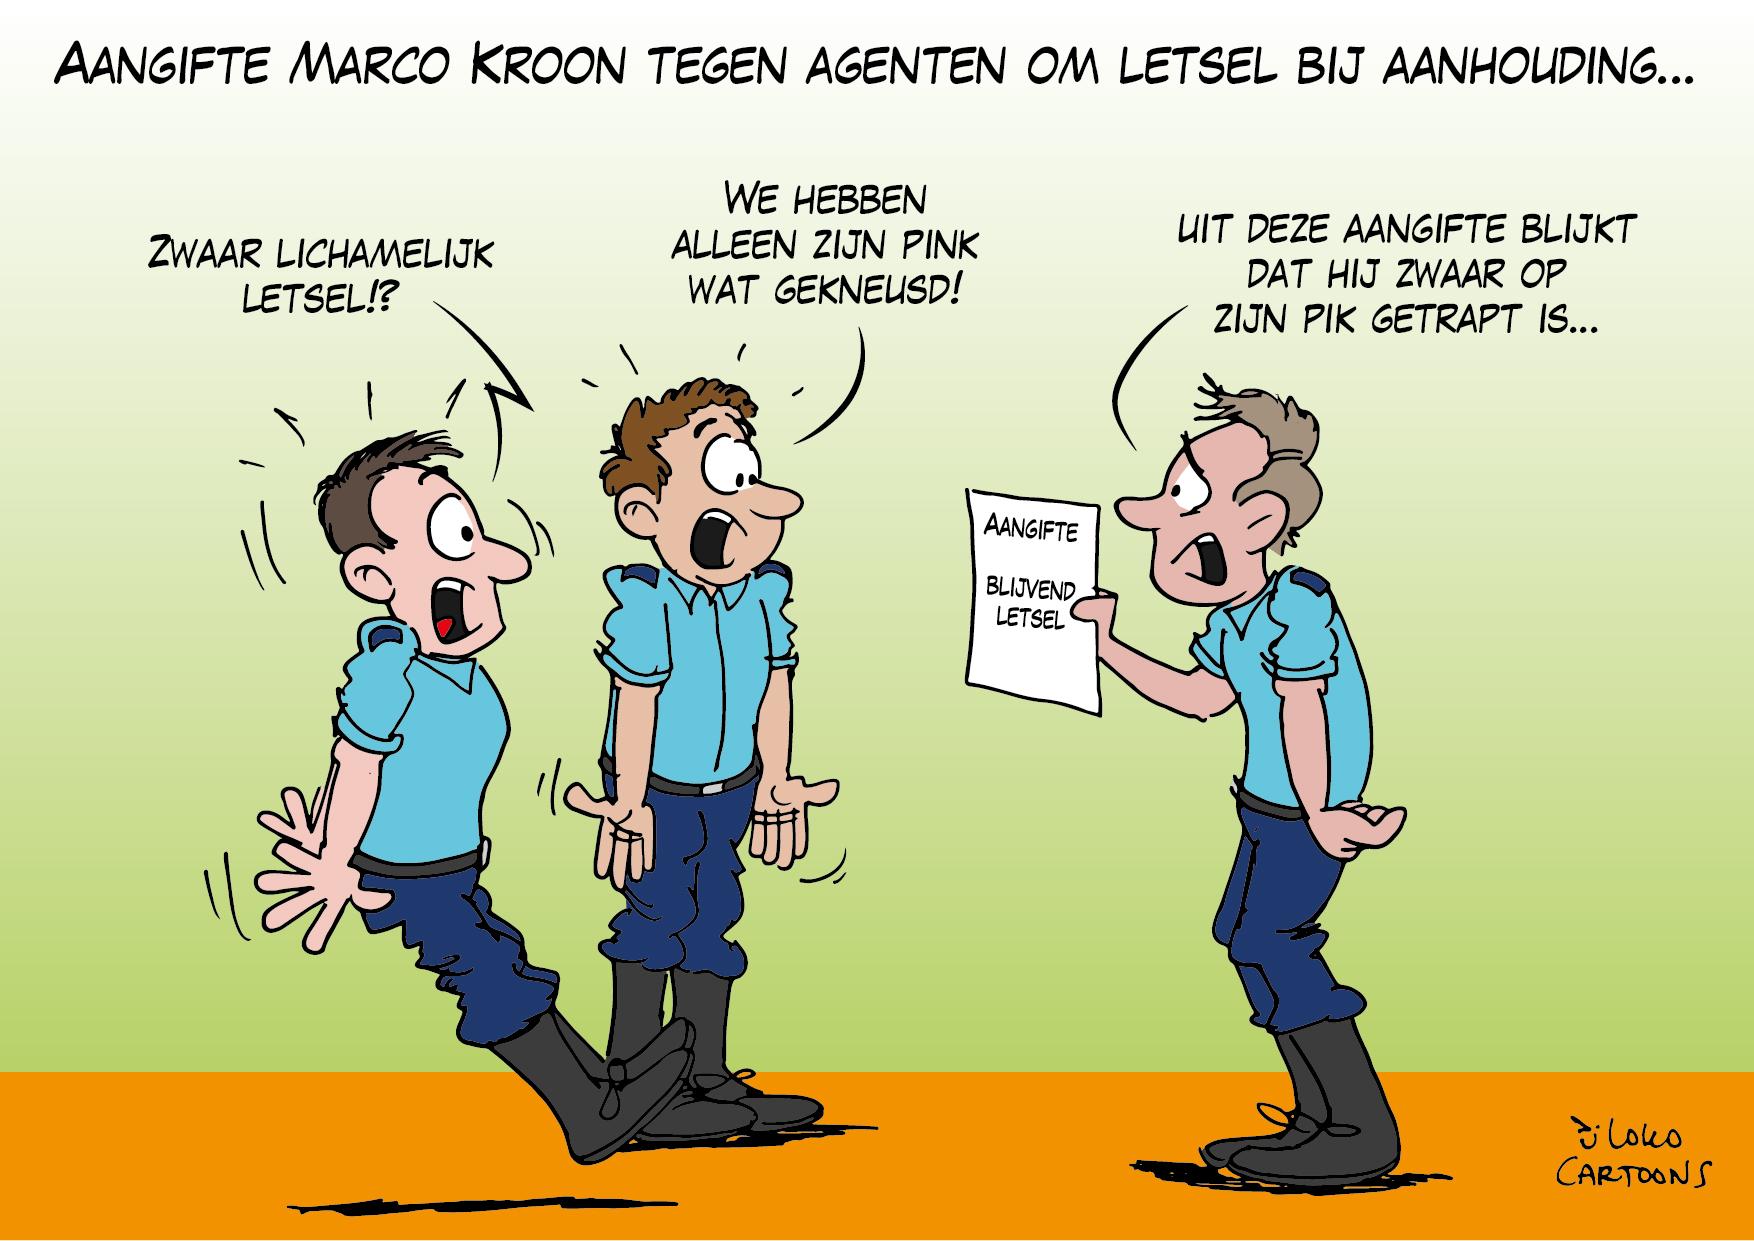 Aangifte Marco Kroon tegen agenten om letsel bij aanhouding…